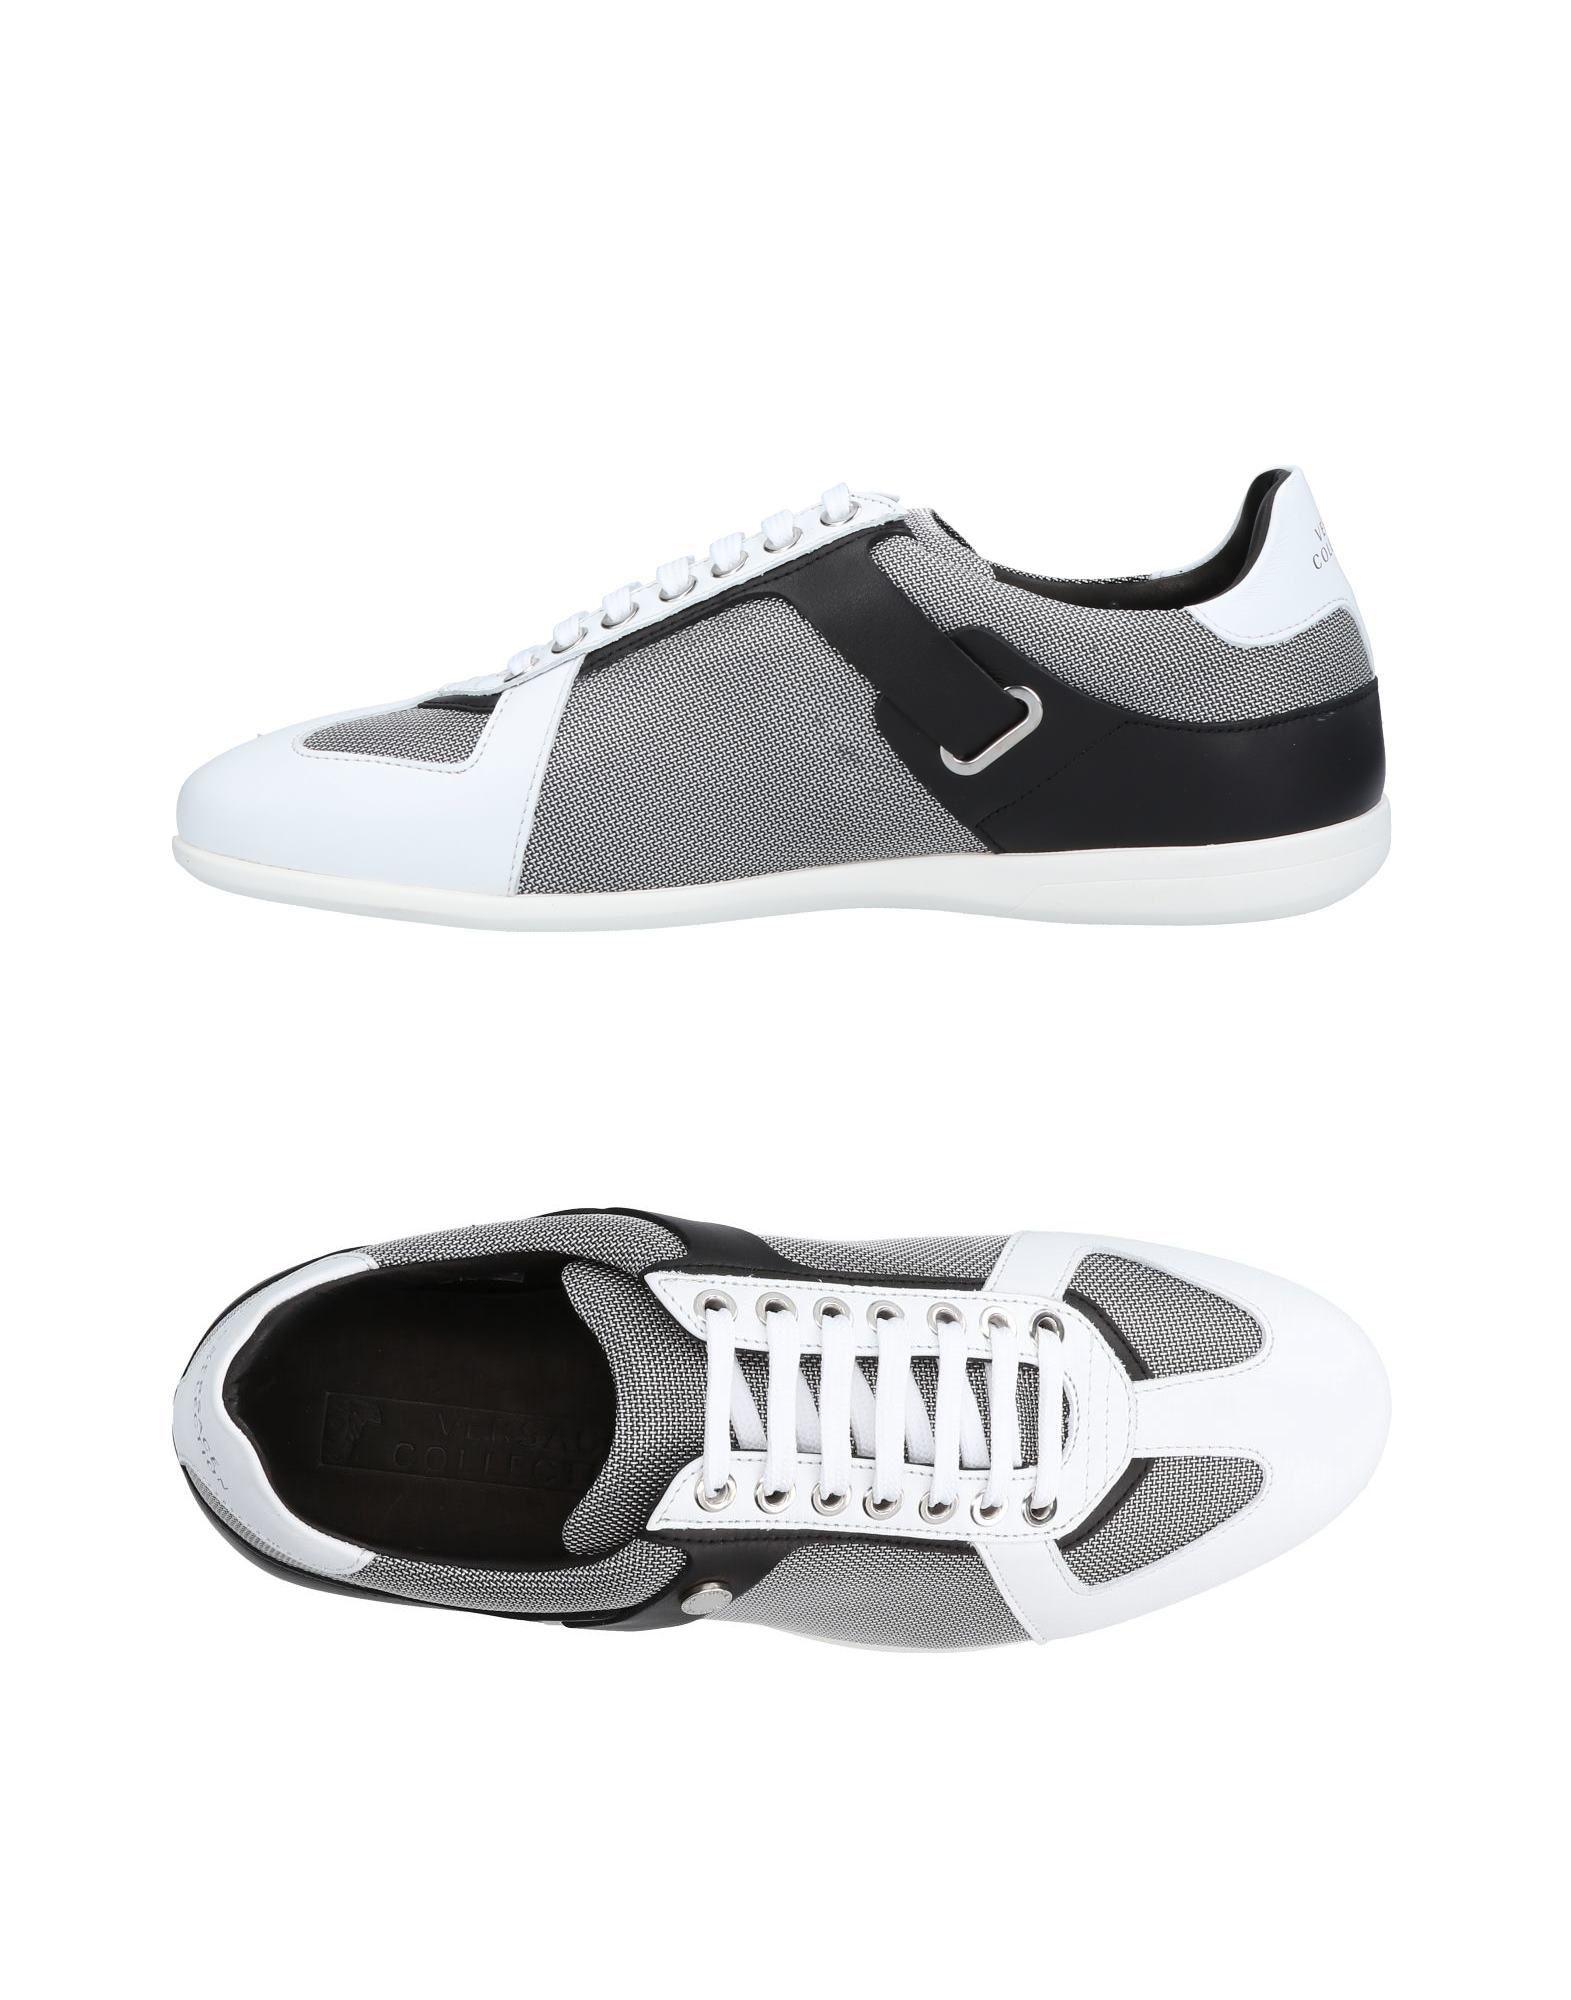 Versace Collection Sneakers Herren  11463340UD Gute Qualität beliebte Schuhe